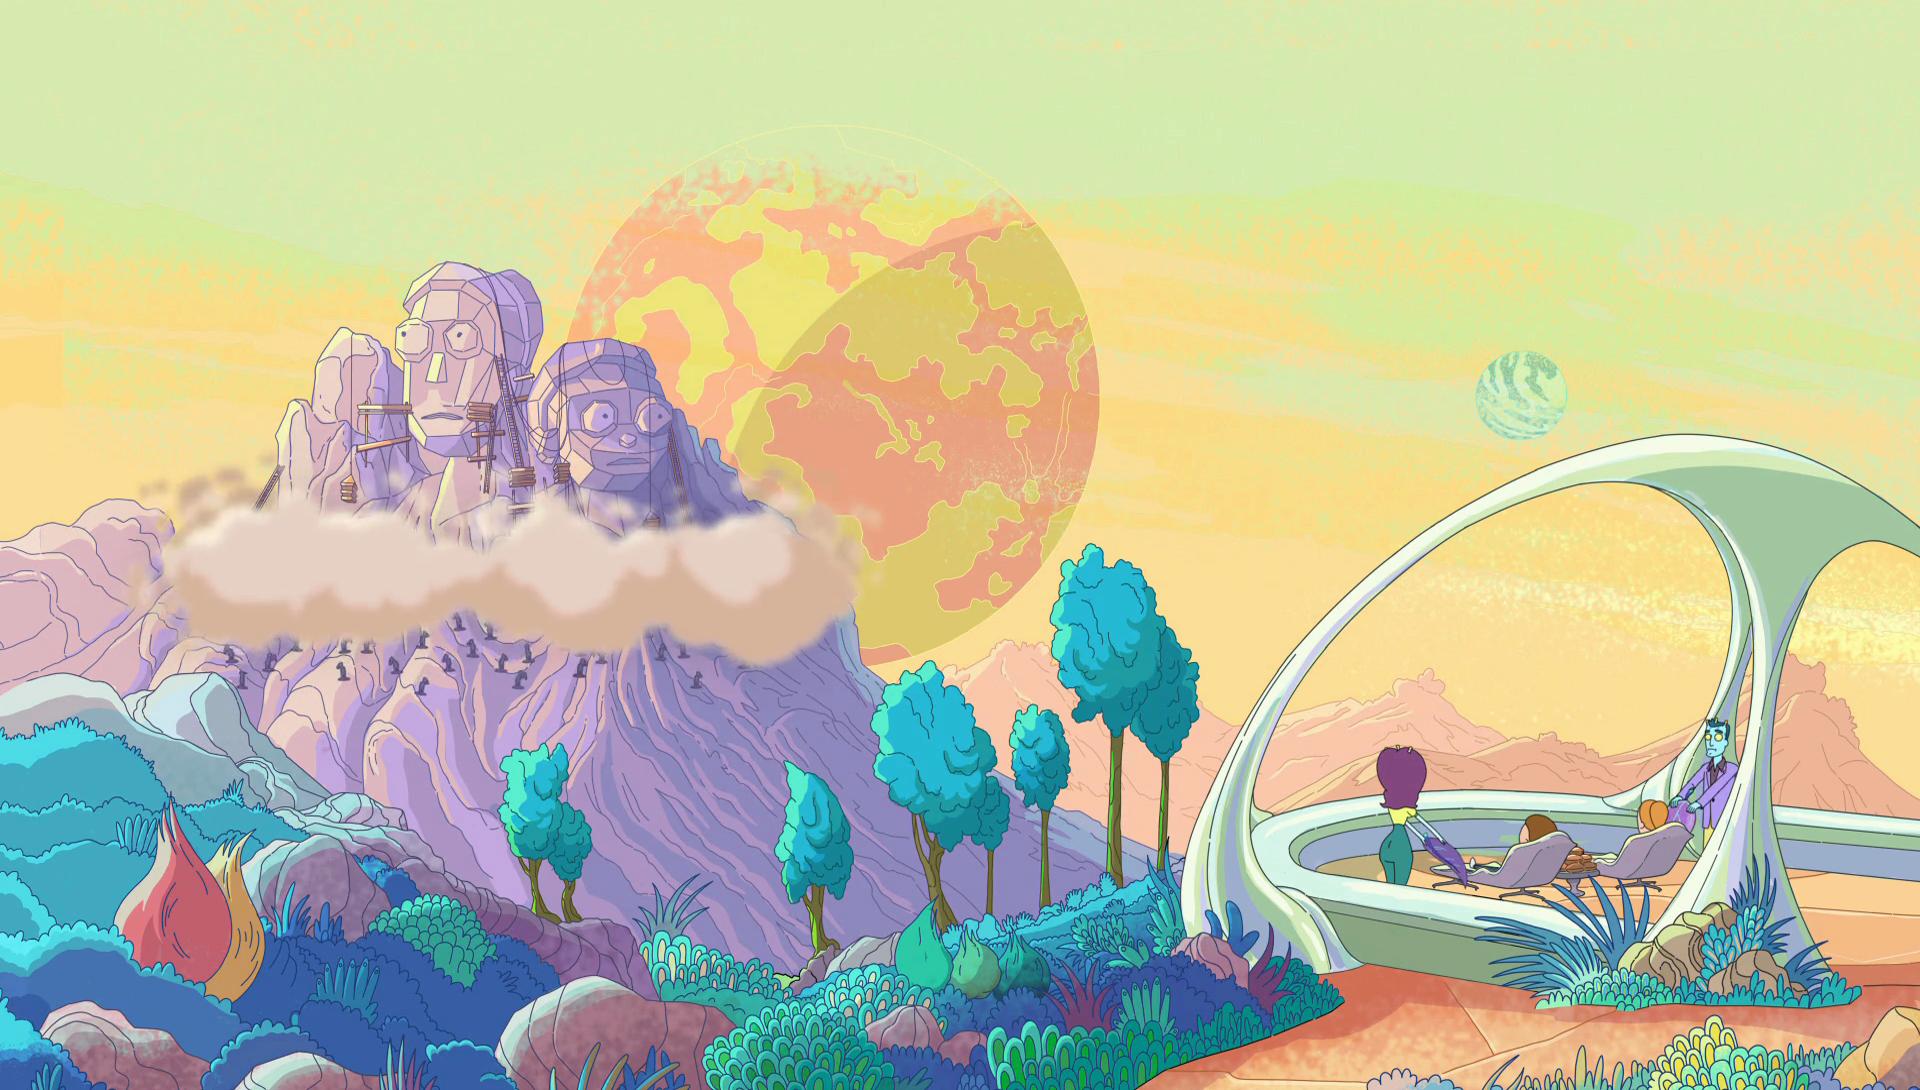 Unity's Planet